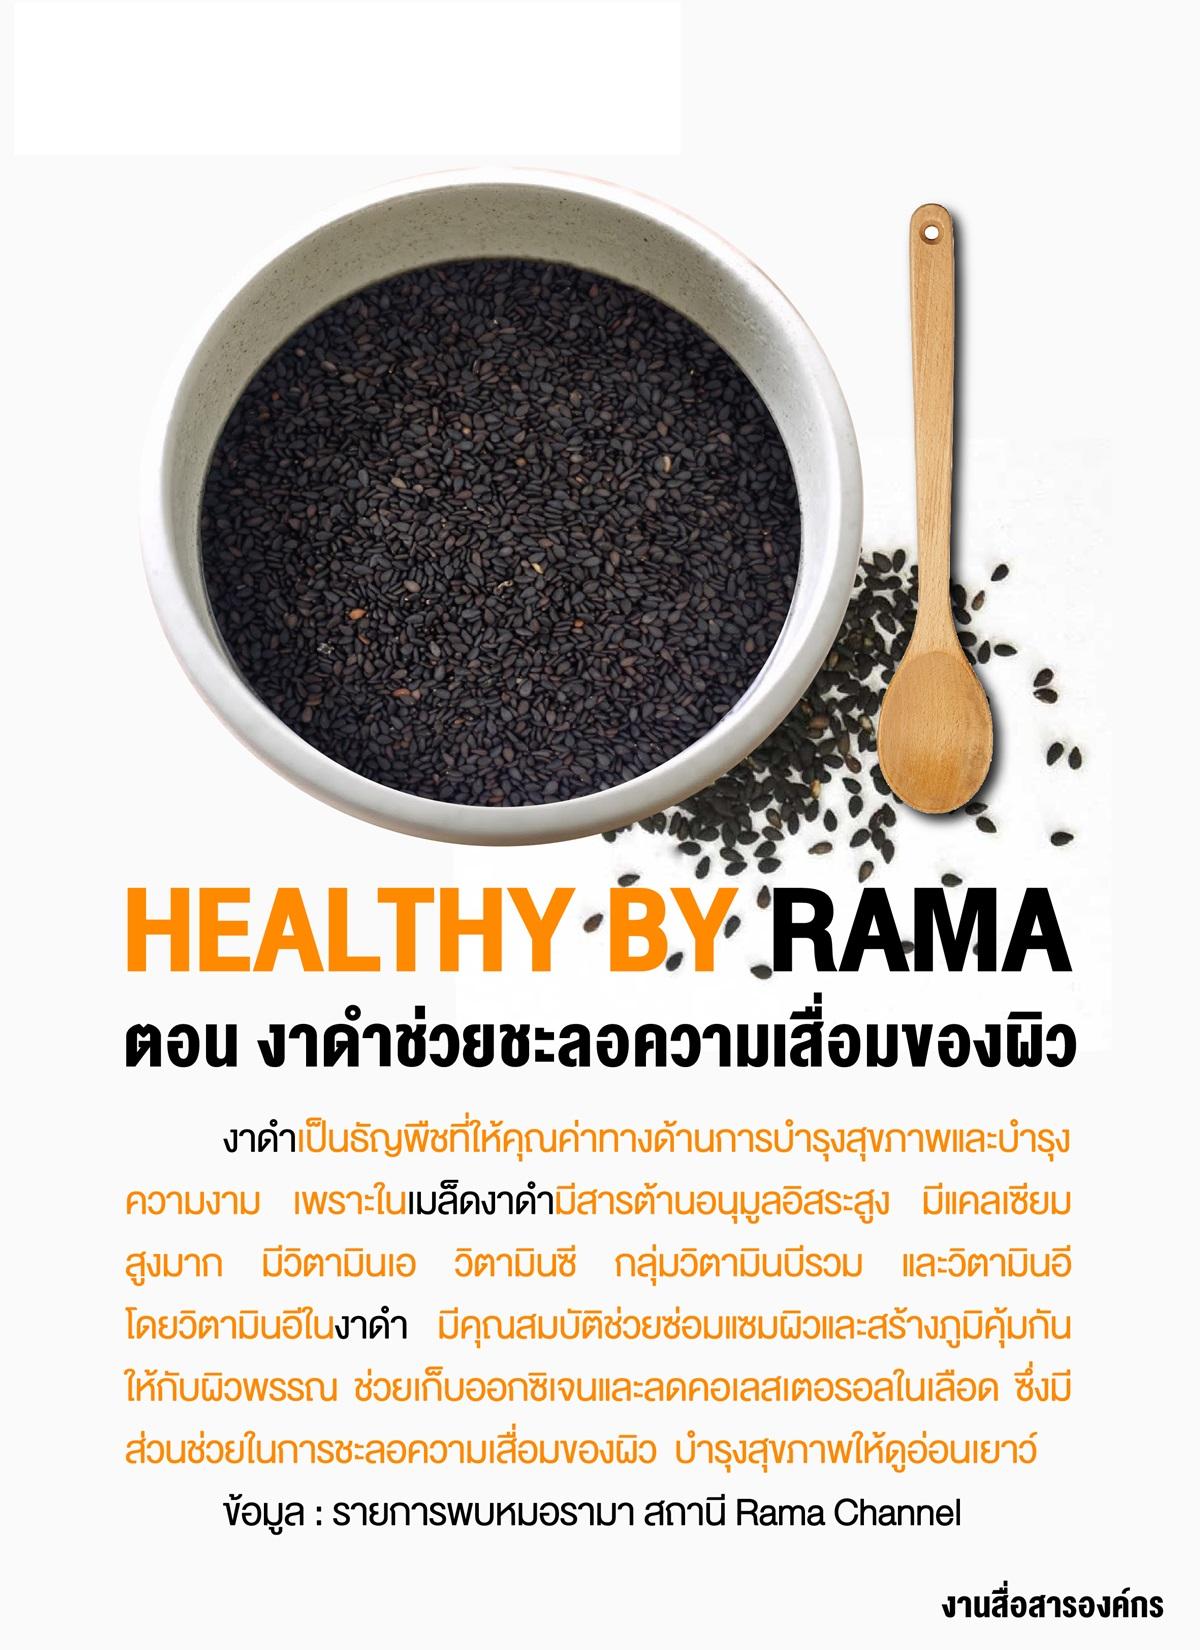 Healthy By Rama ตอน งาดำช่วยชะลอความเสื่อมของผิว